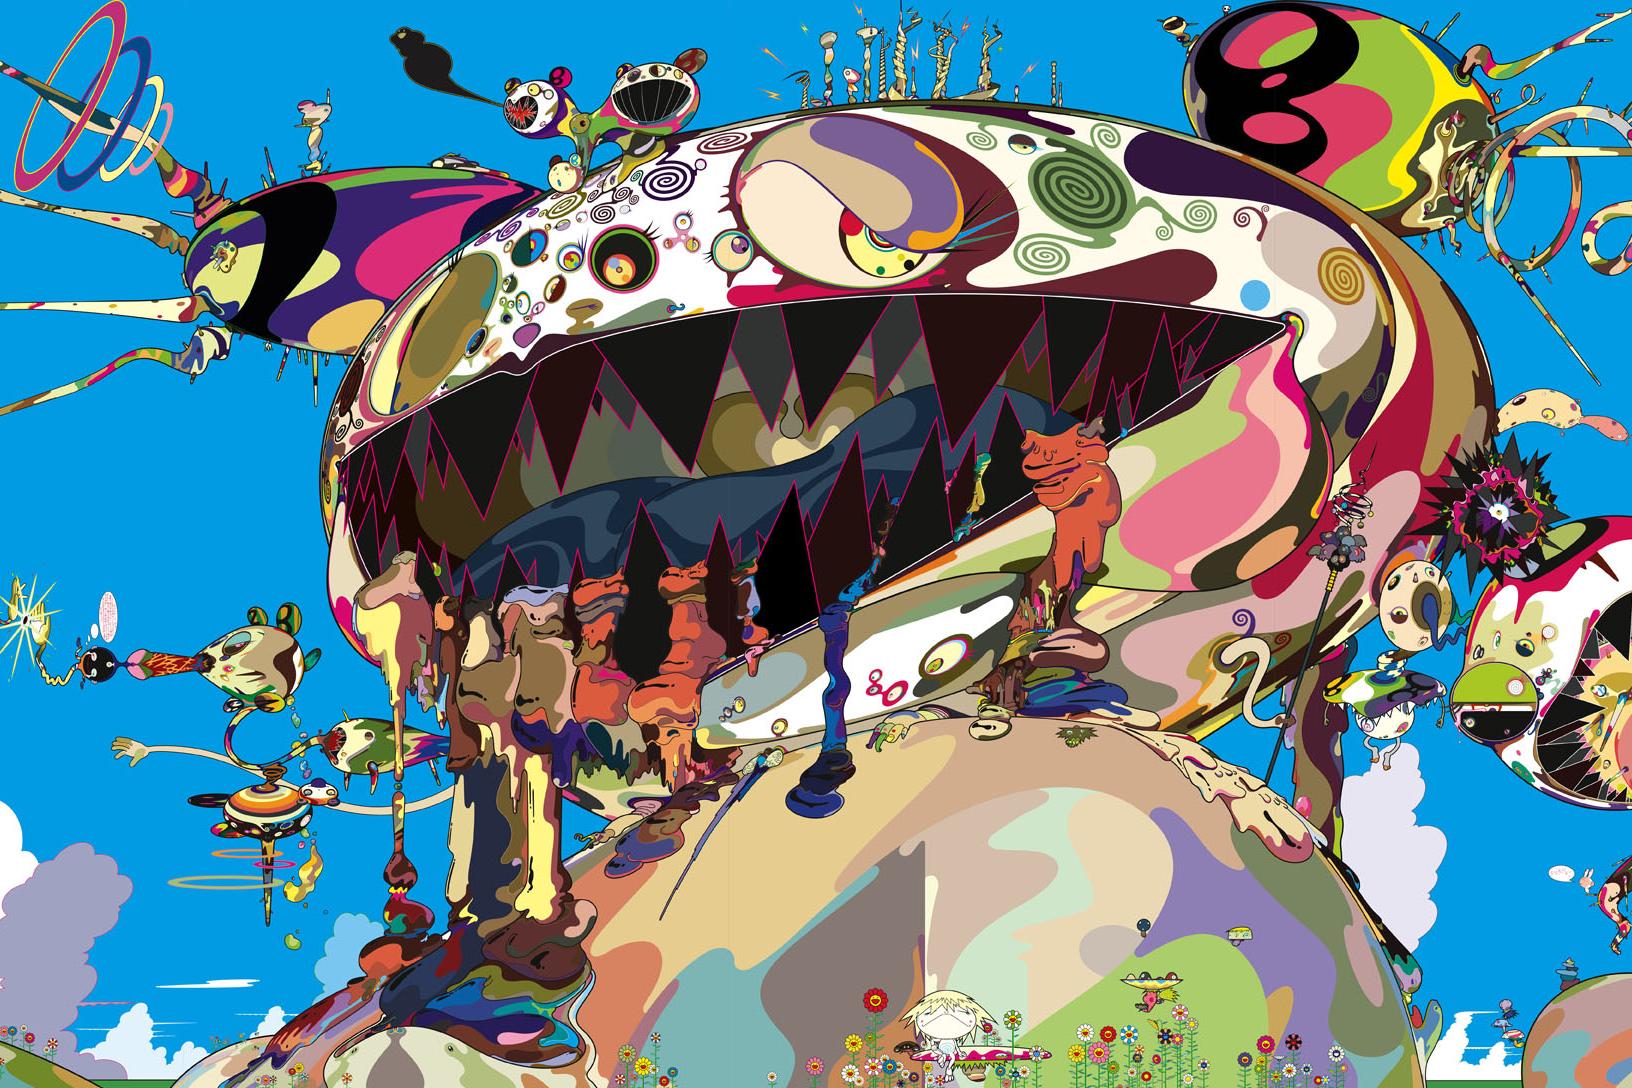 MCA Chicago Takashi Murakami Larry Clark